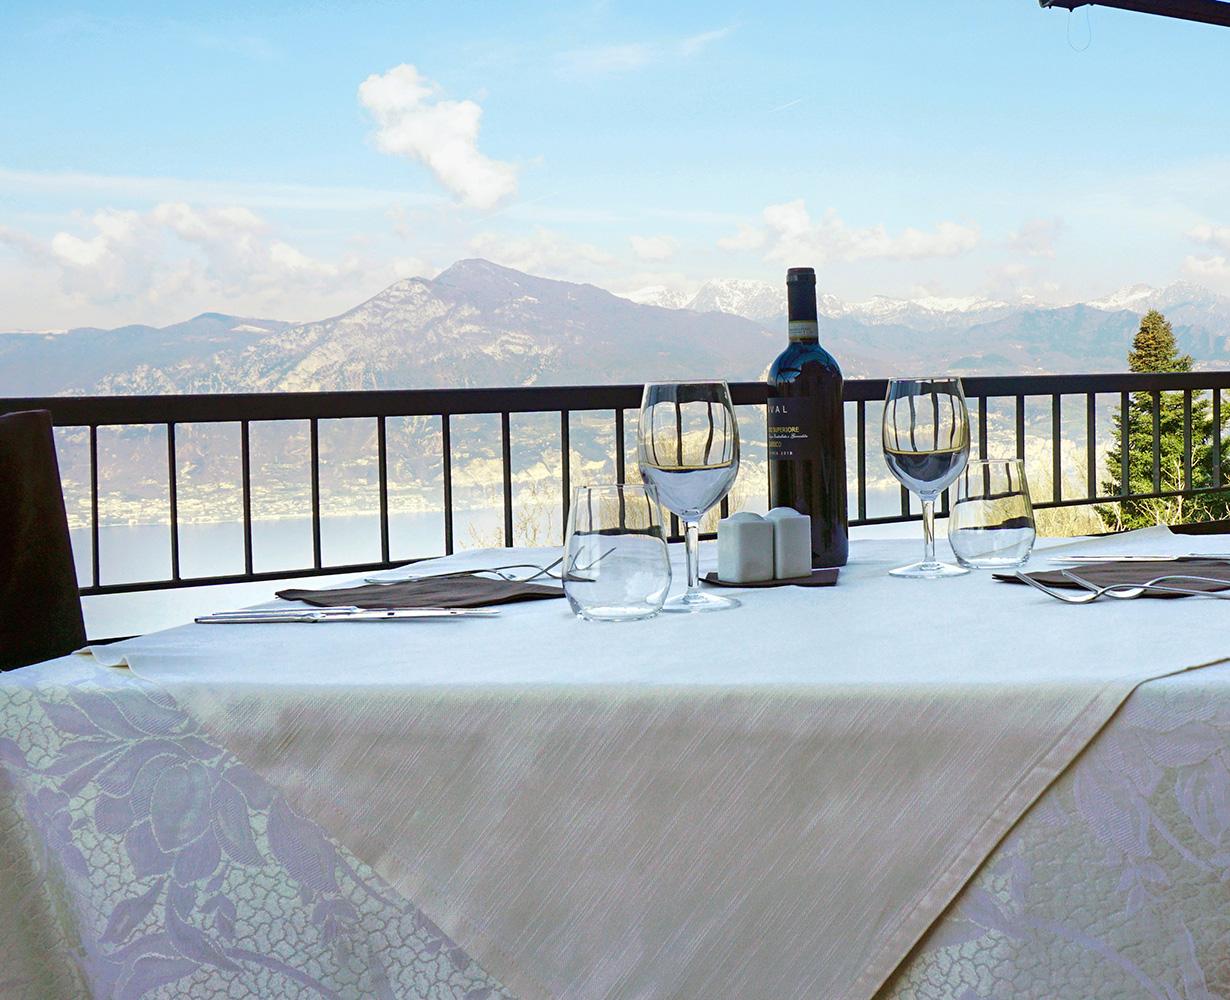 terrazza-cena-vista-lago-hotel-san-zeno